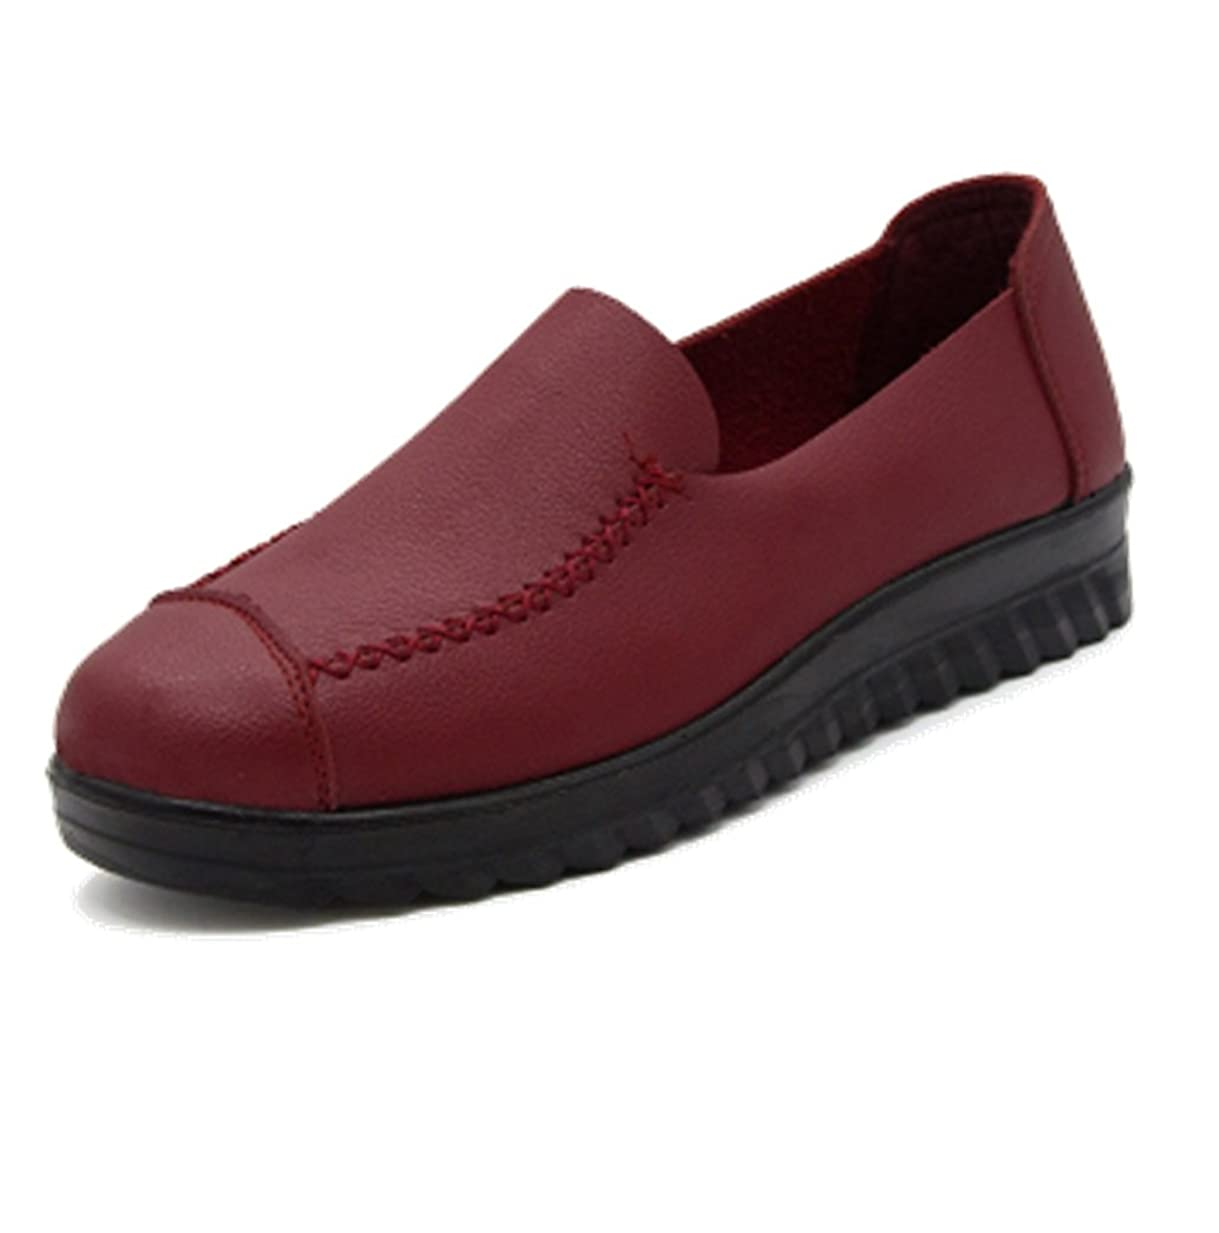 理容師同盟液体レディース スニーカー サブリナ シューズ ドライビング ぺたんこ フラット レザー モカシン 靴 婦人靴 K13886